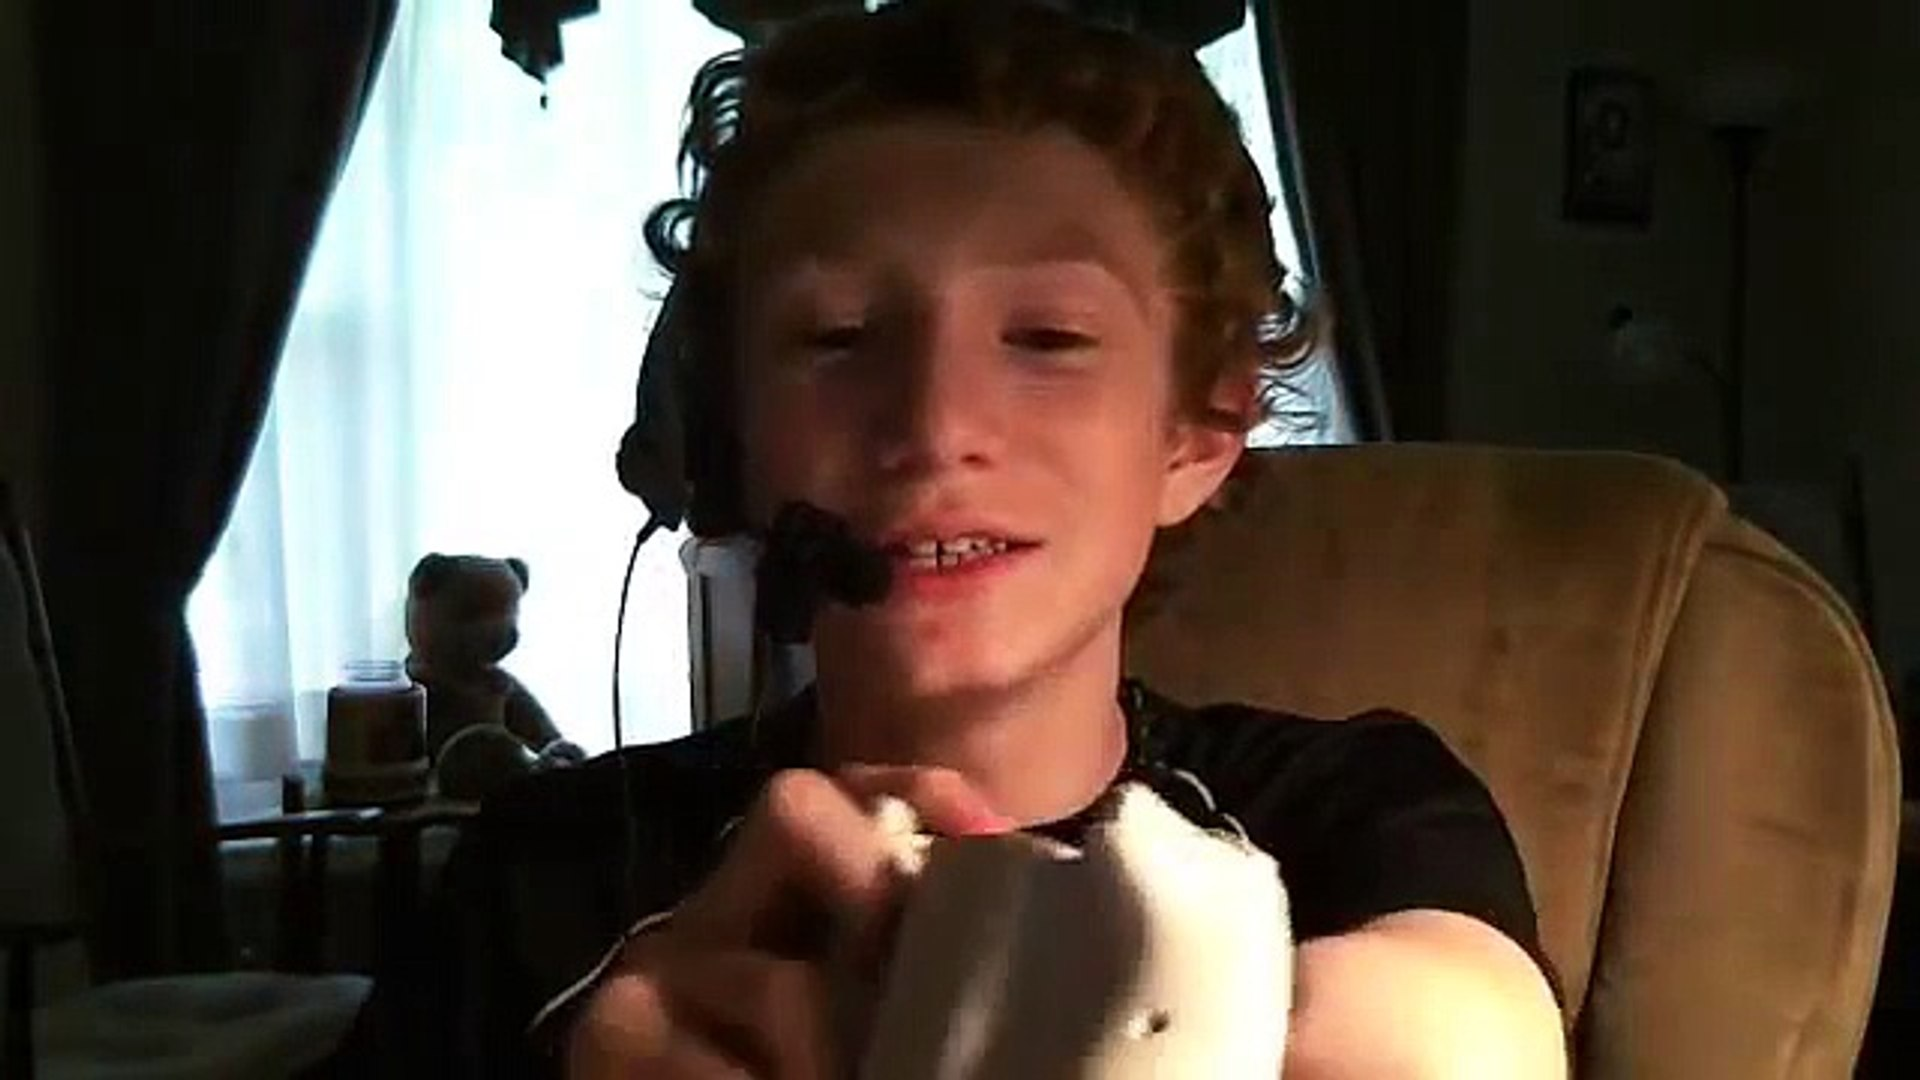 One Arm Kid Plays Xbox